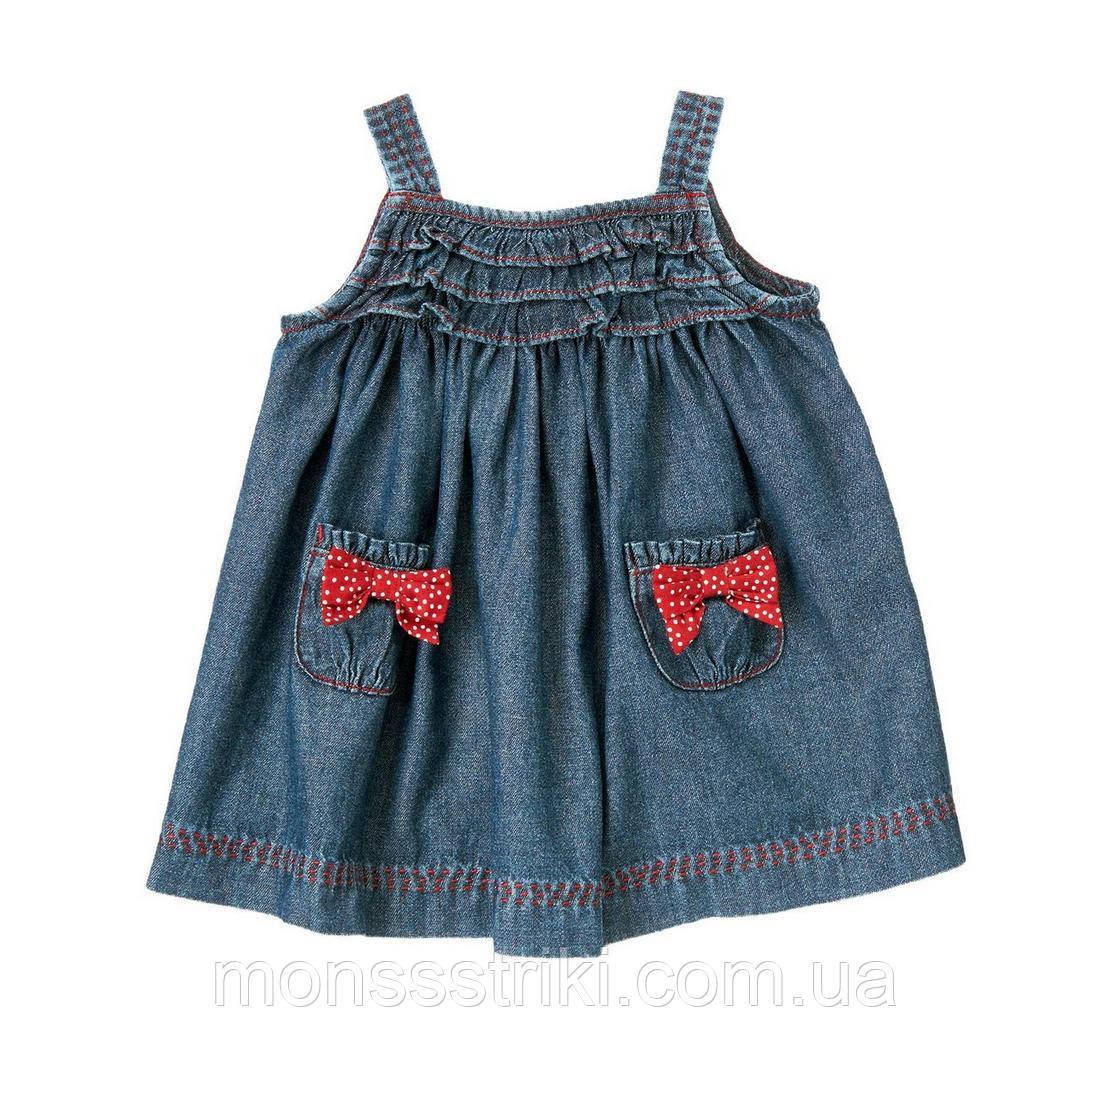 Брендовая одежда для новорожденных